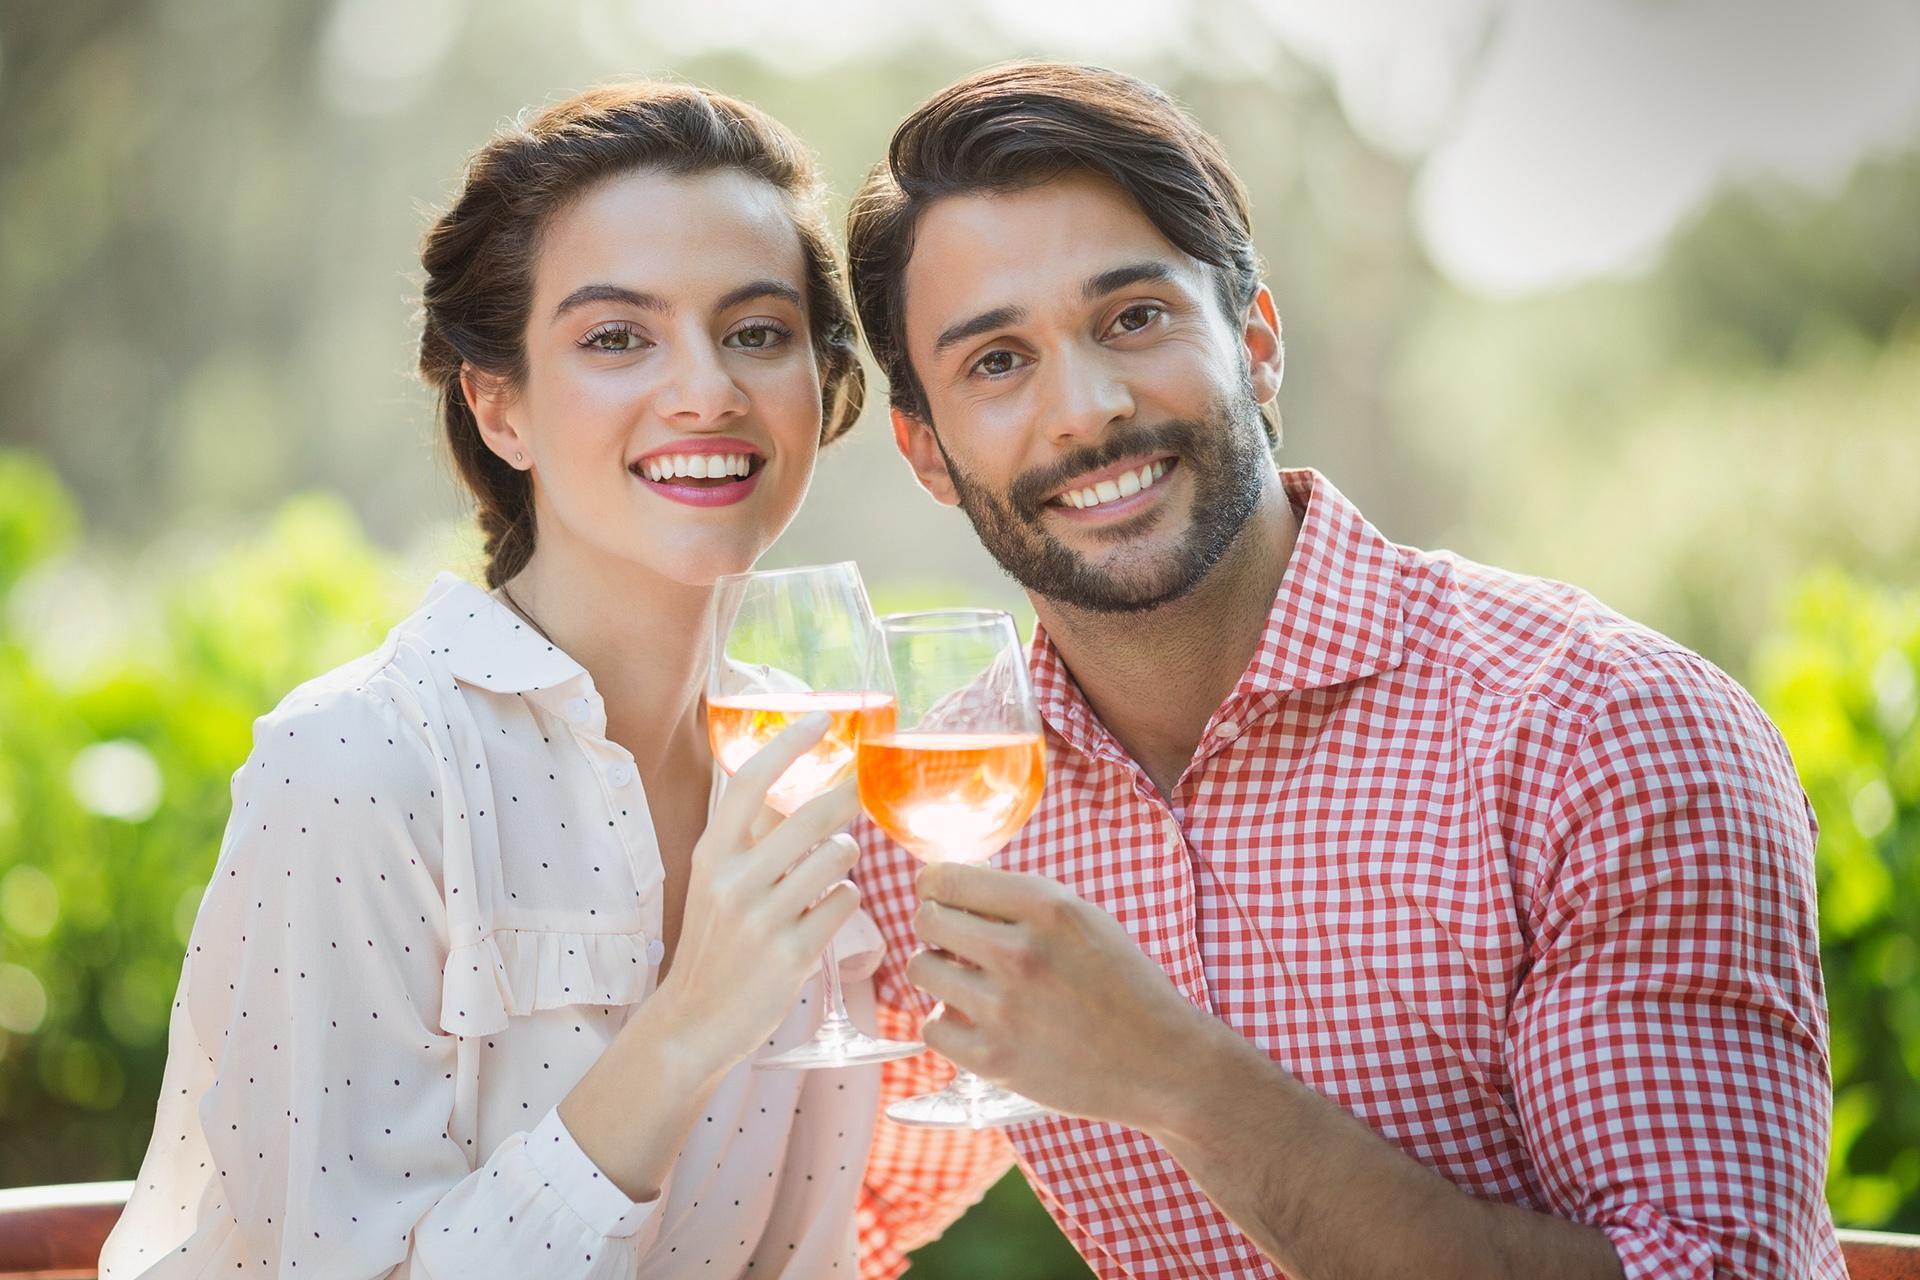 Povestea vinului rose sau iluzia fericirii – Partea a doua